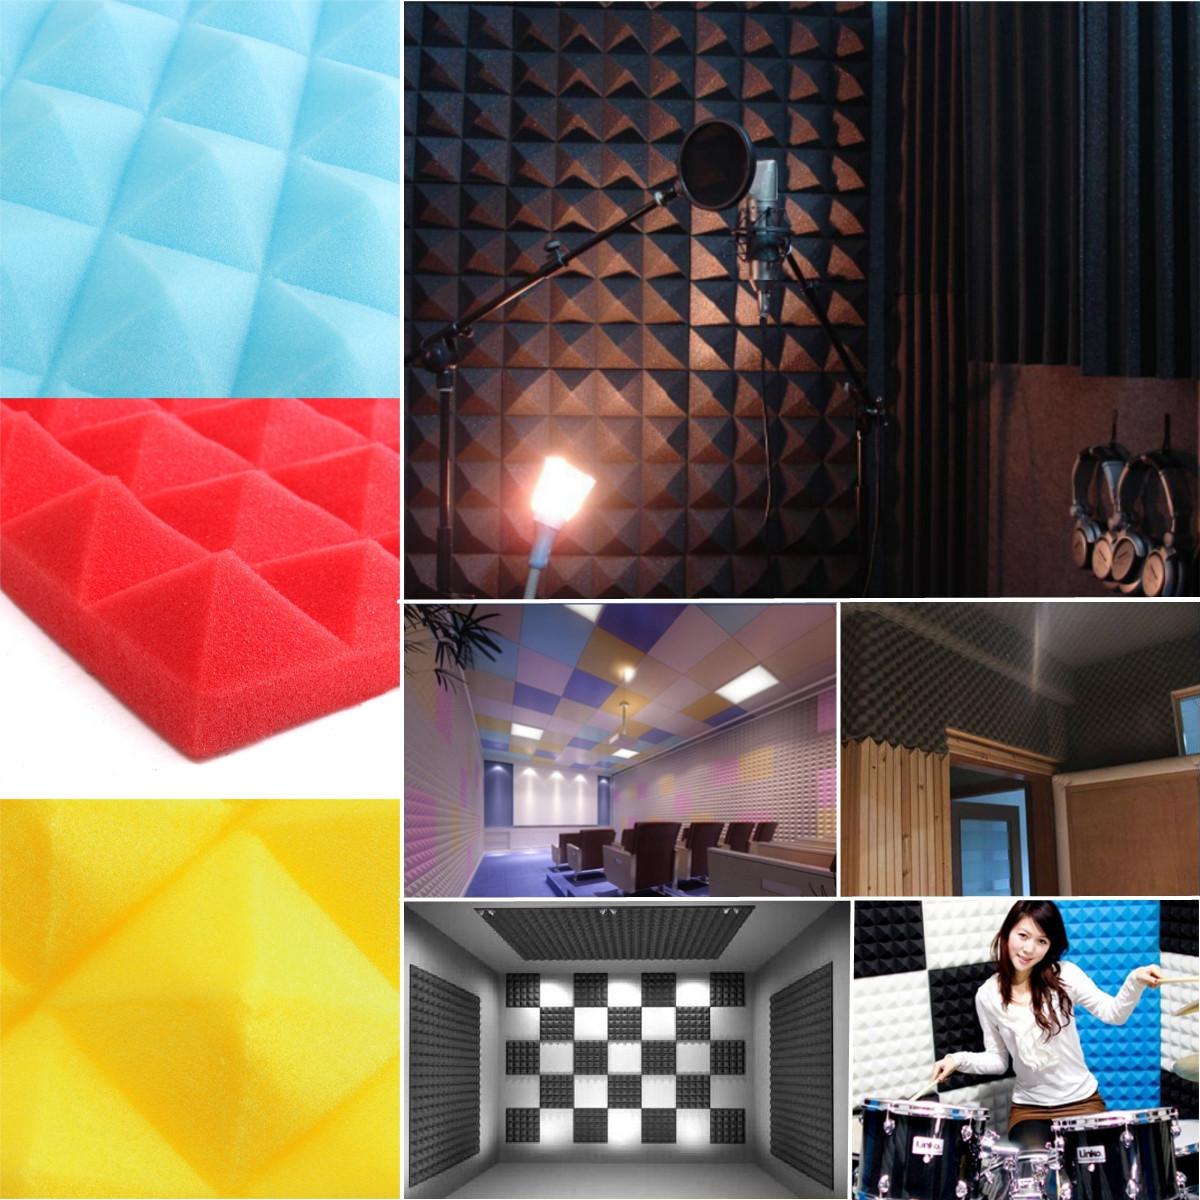 Jual 1 Buah Busa Kedap Suara Akustik Studio Rekaman Suara Menghentikan Penyerapan Pyramid Busa Hitam Intl Baru